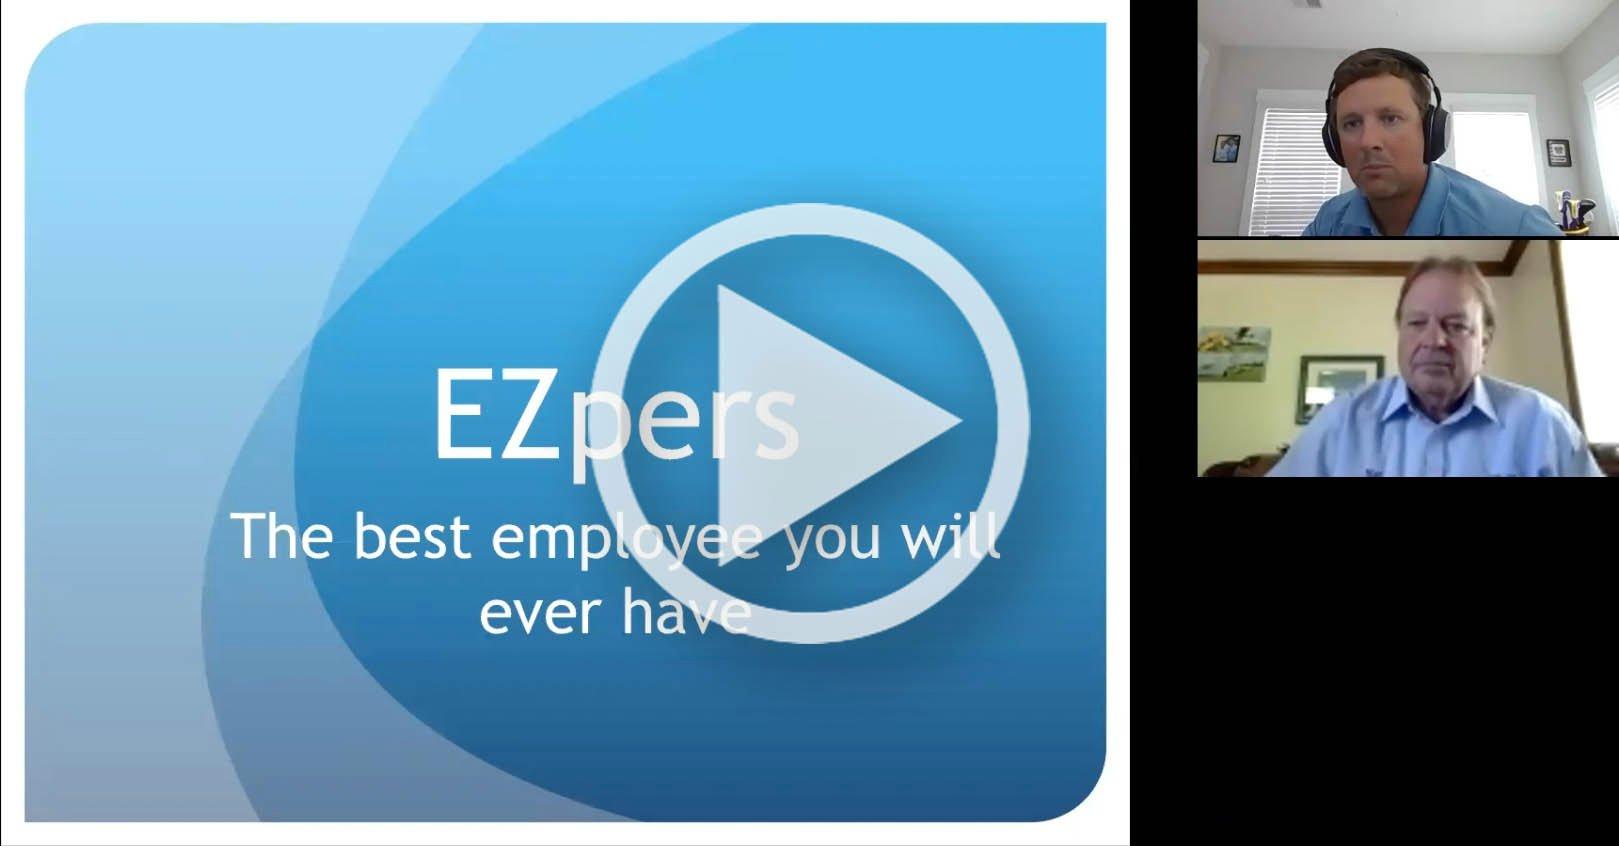 webinar-ezpers-cover-image